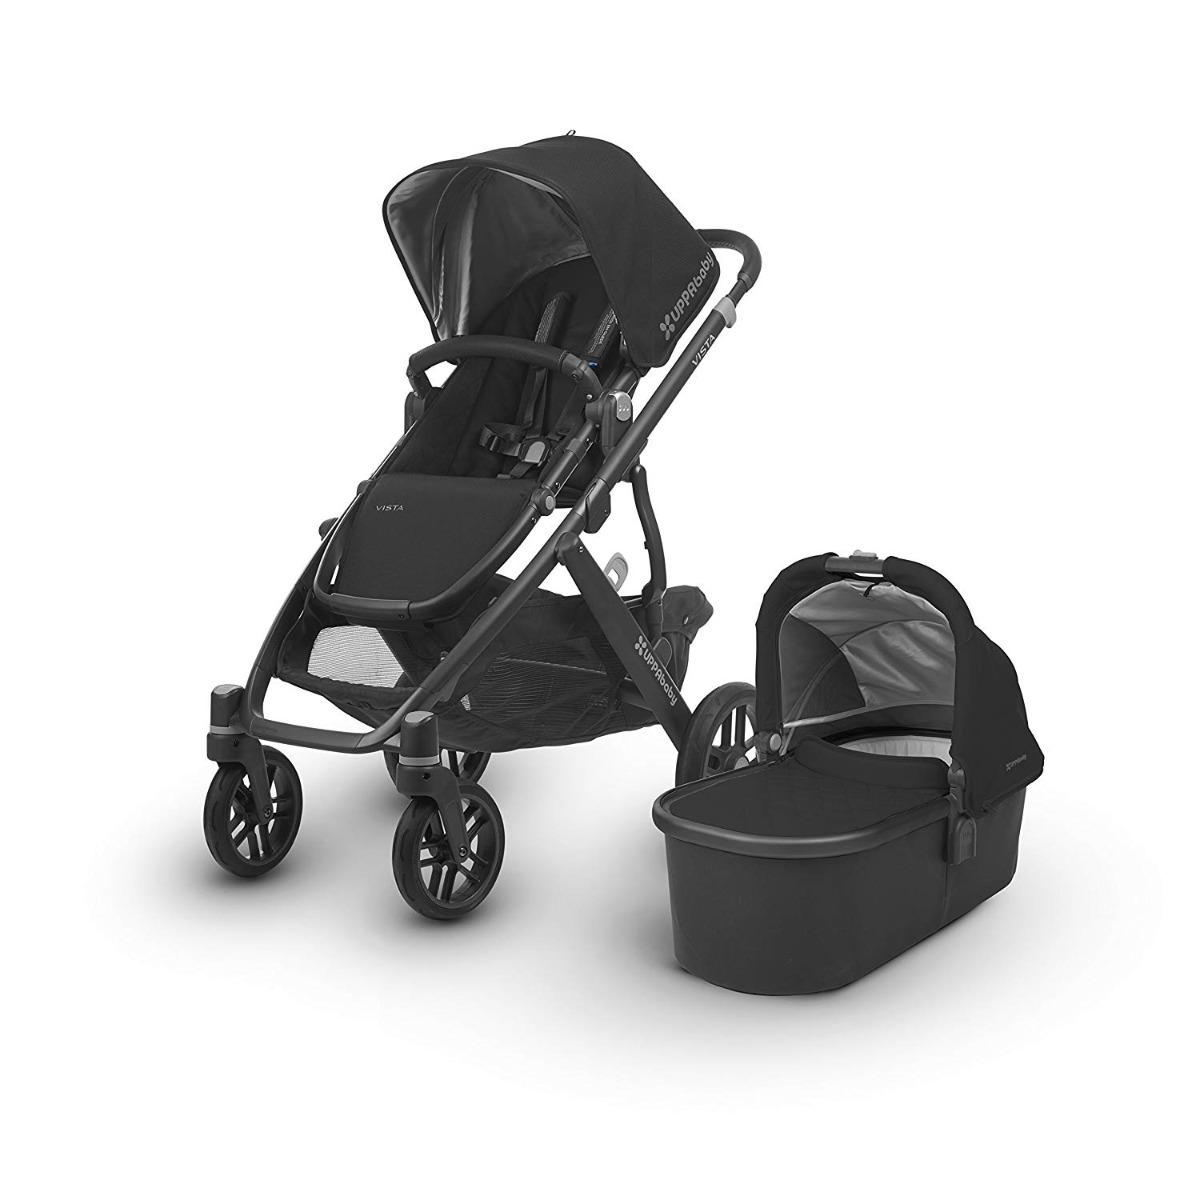 UPPAbaby VISTA Stroller 2018 - Jake (Black/Carbon)